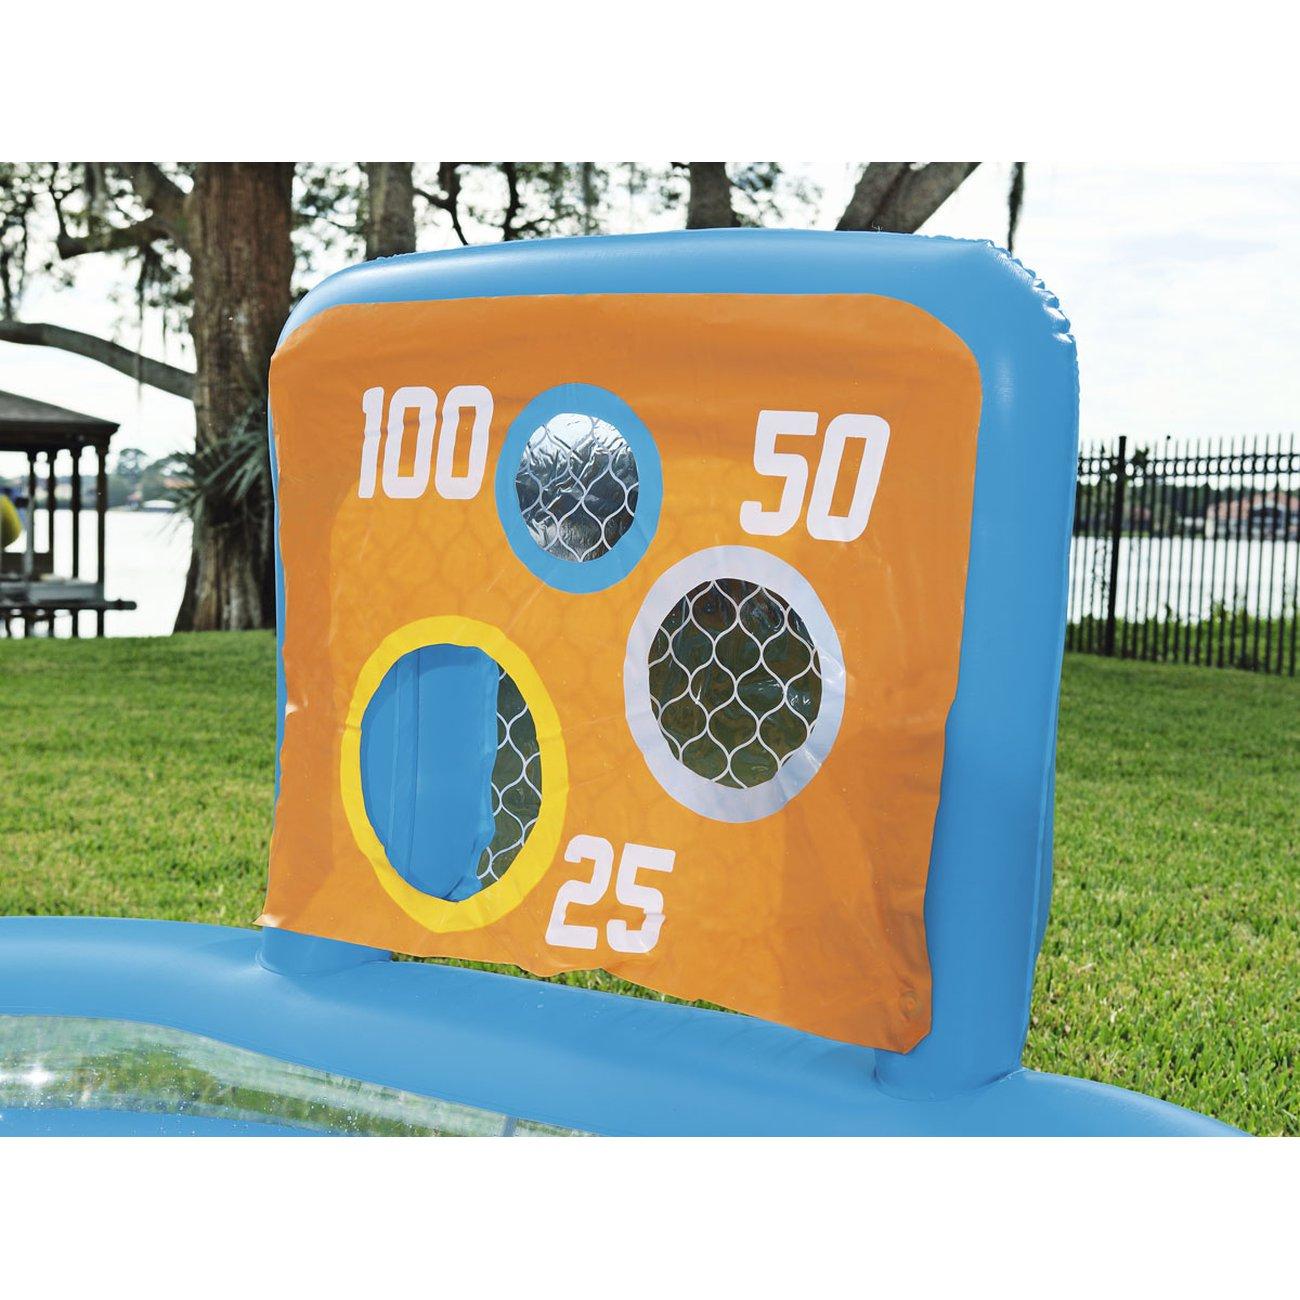 Natation Habitat Et Jardin Piscine Enfant - Jeux D'adresse - 2.37 X 1.52 X  0.94 M pour Piscine Enfant Pas Cher